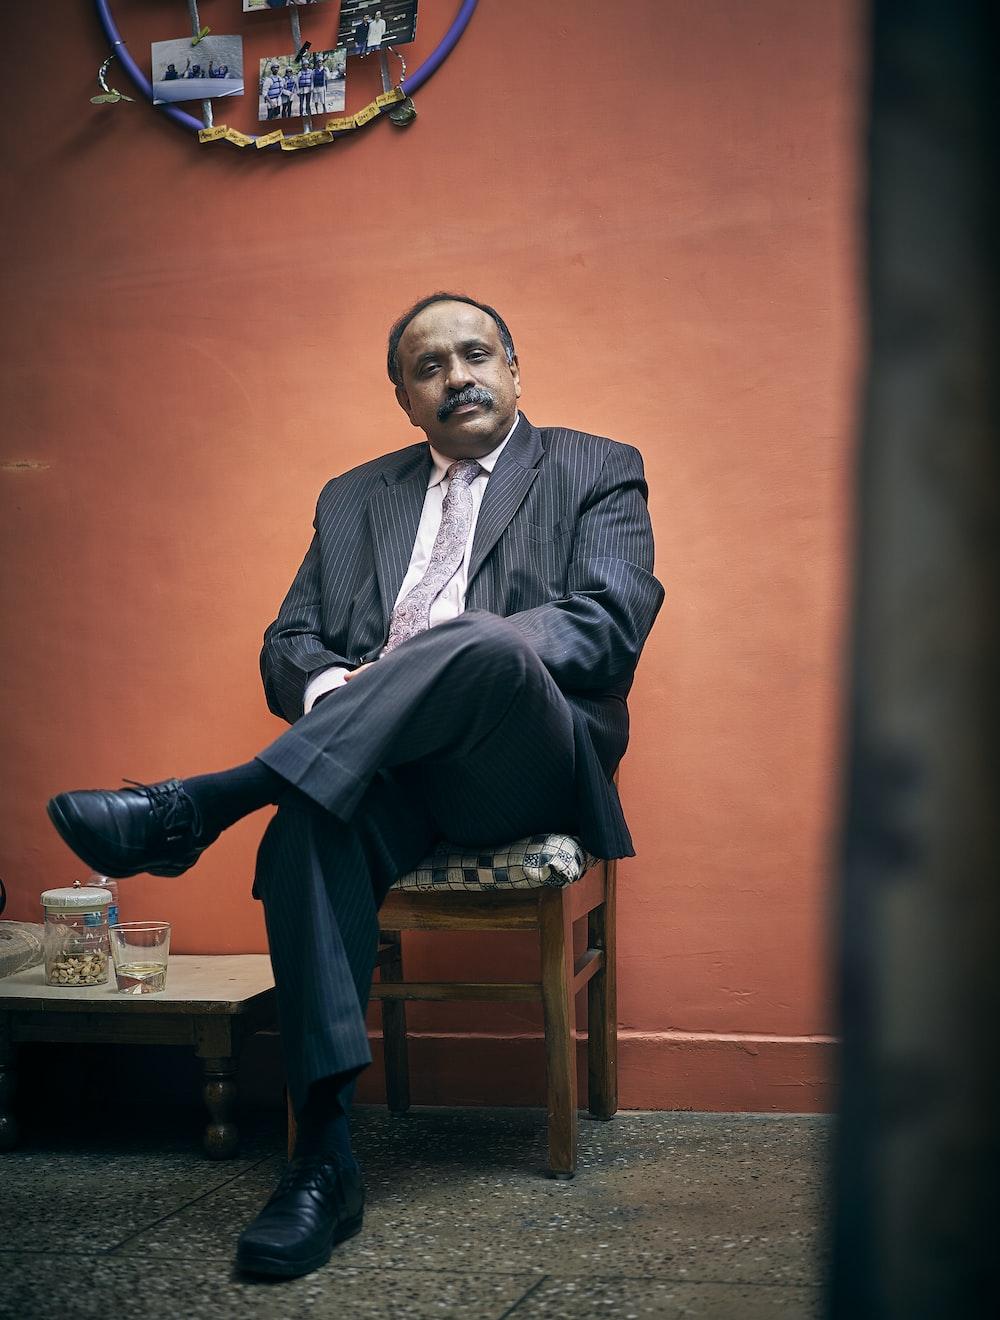 sitting man wearing black suit